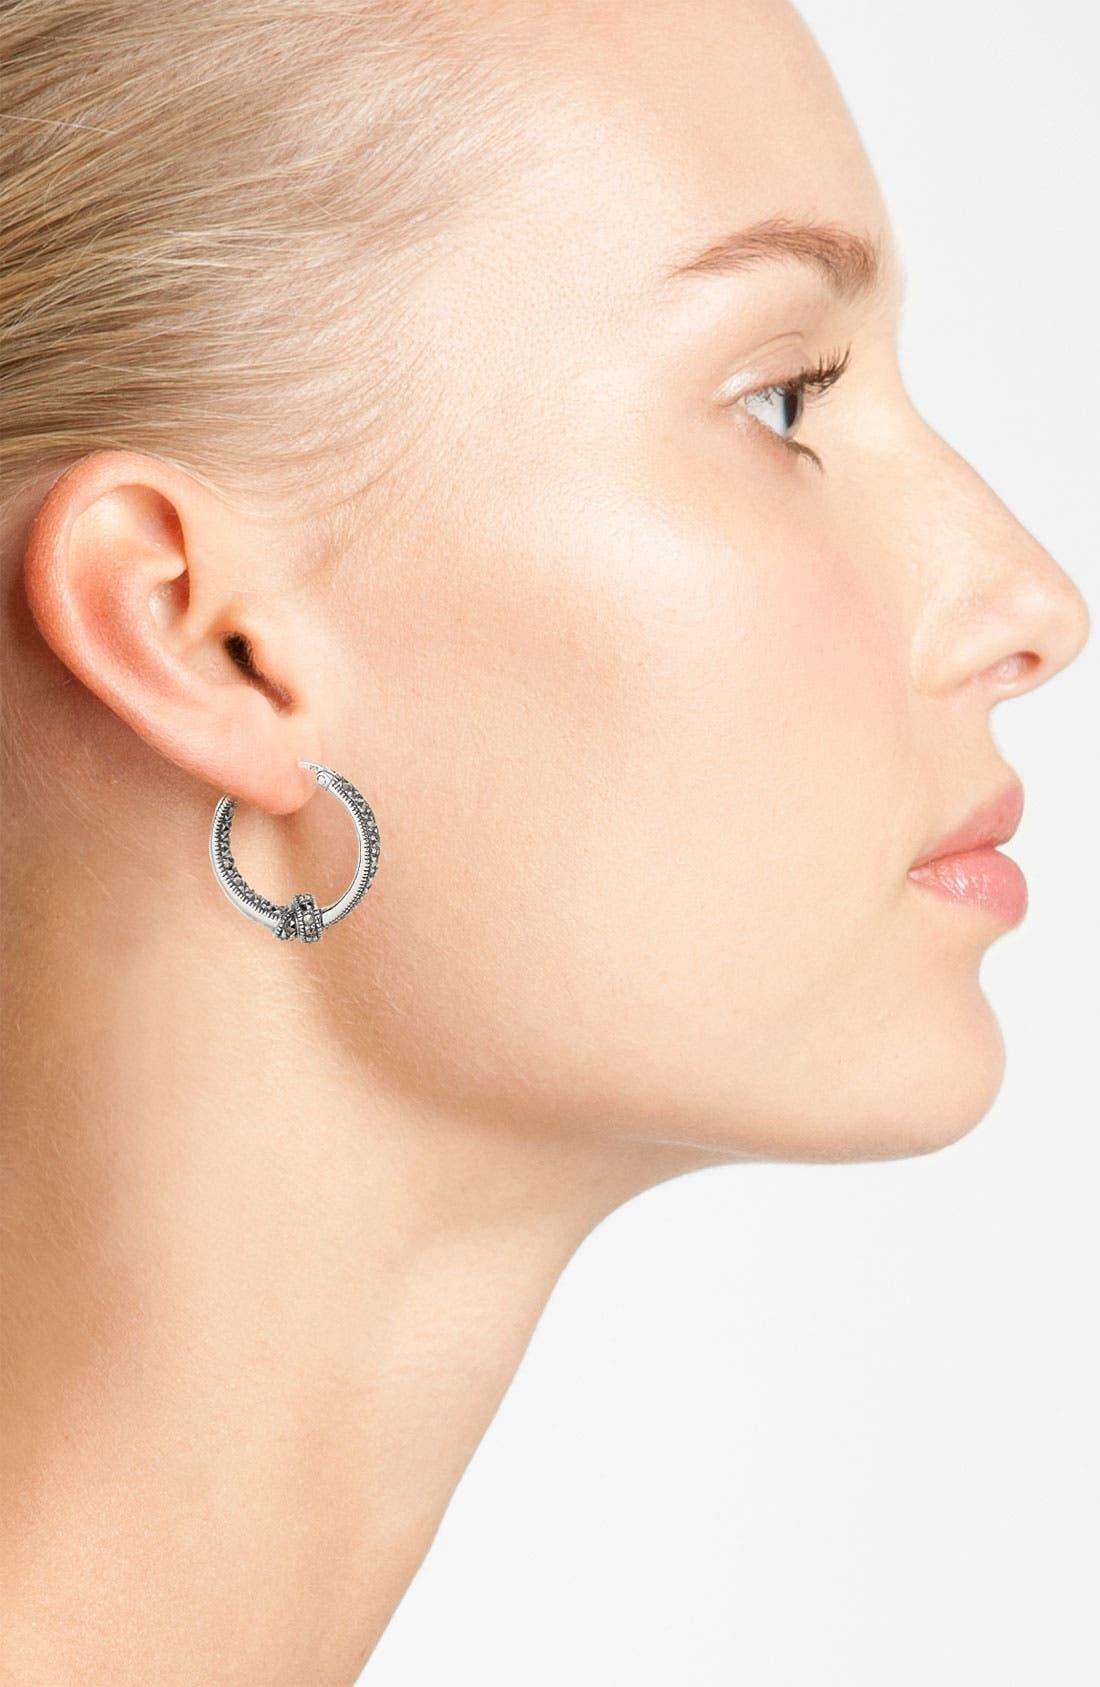 Alternate Image 2  - Judith Jack Marcasite Hoop Earrings with Knot Detail